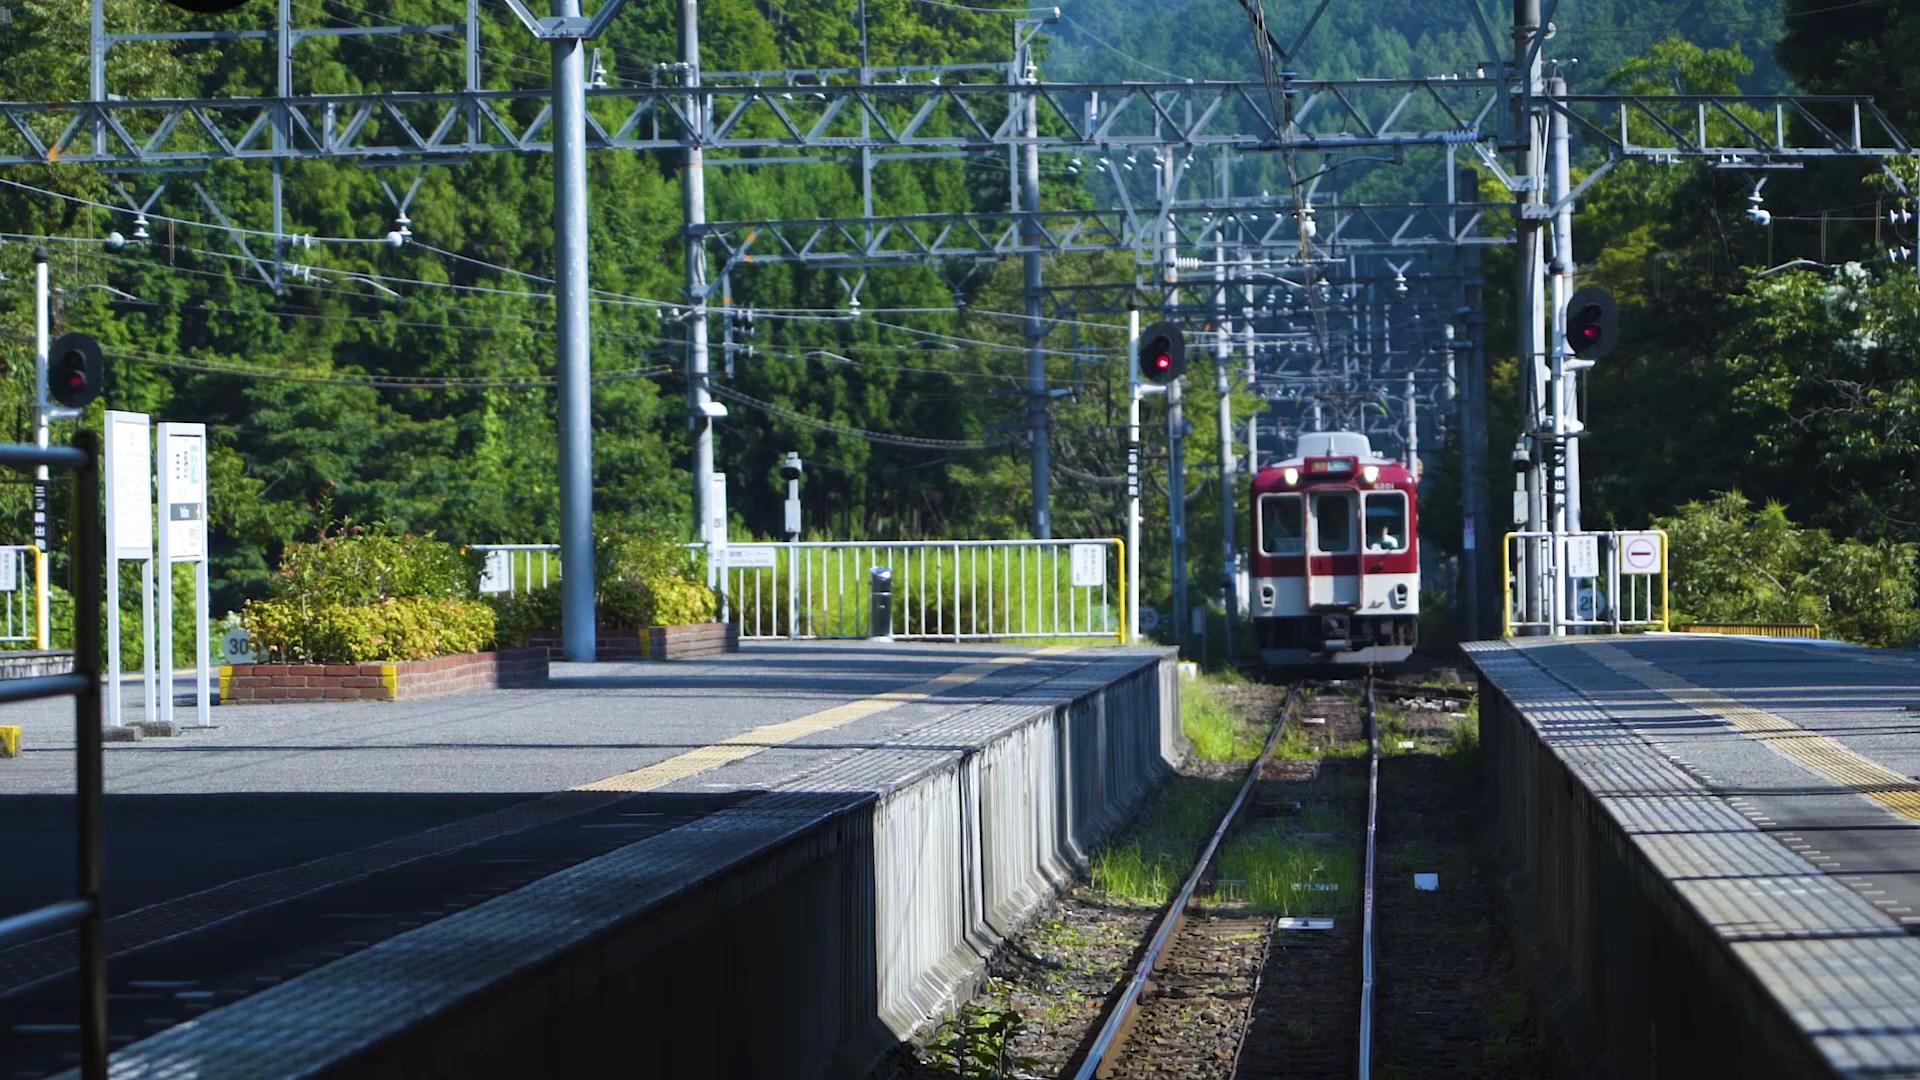 スムーズに観光地に連れて行ってくれる「近鉄」の電車